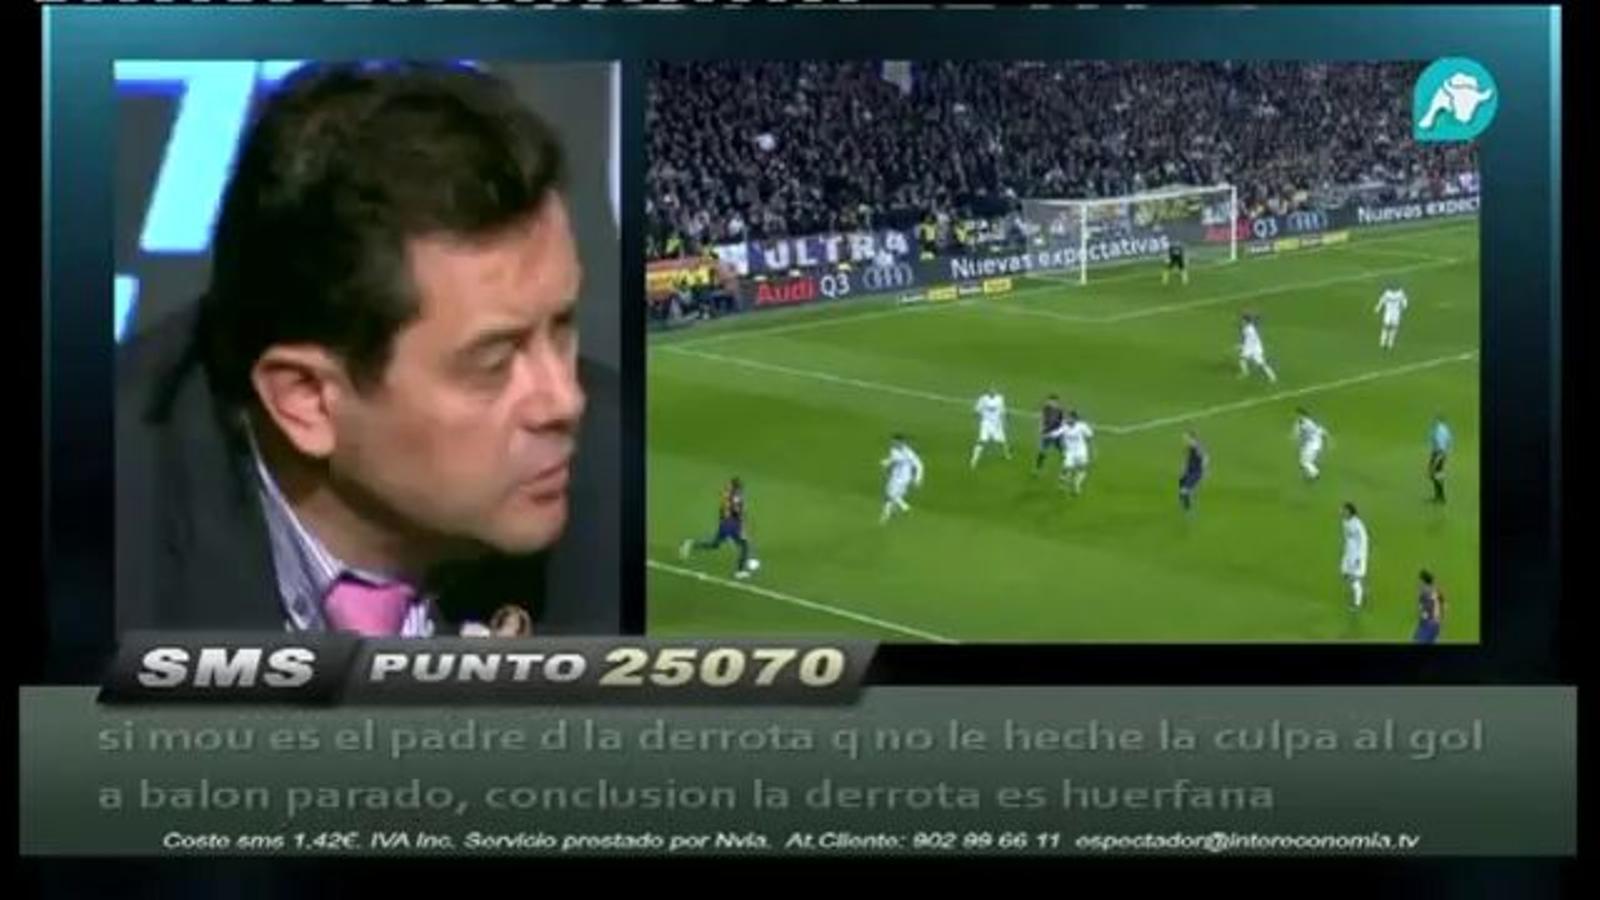 Roncero diu de Mourinho que potser és The Special One a tot arreu, però a Madrid és The Special Two